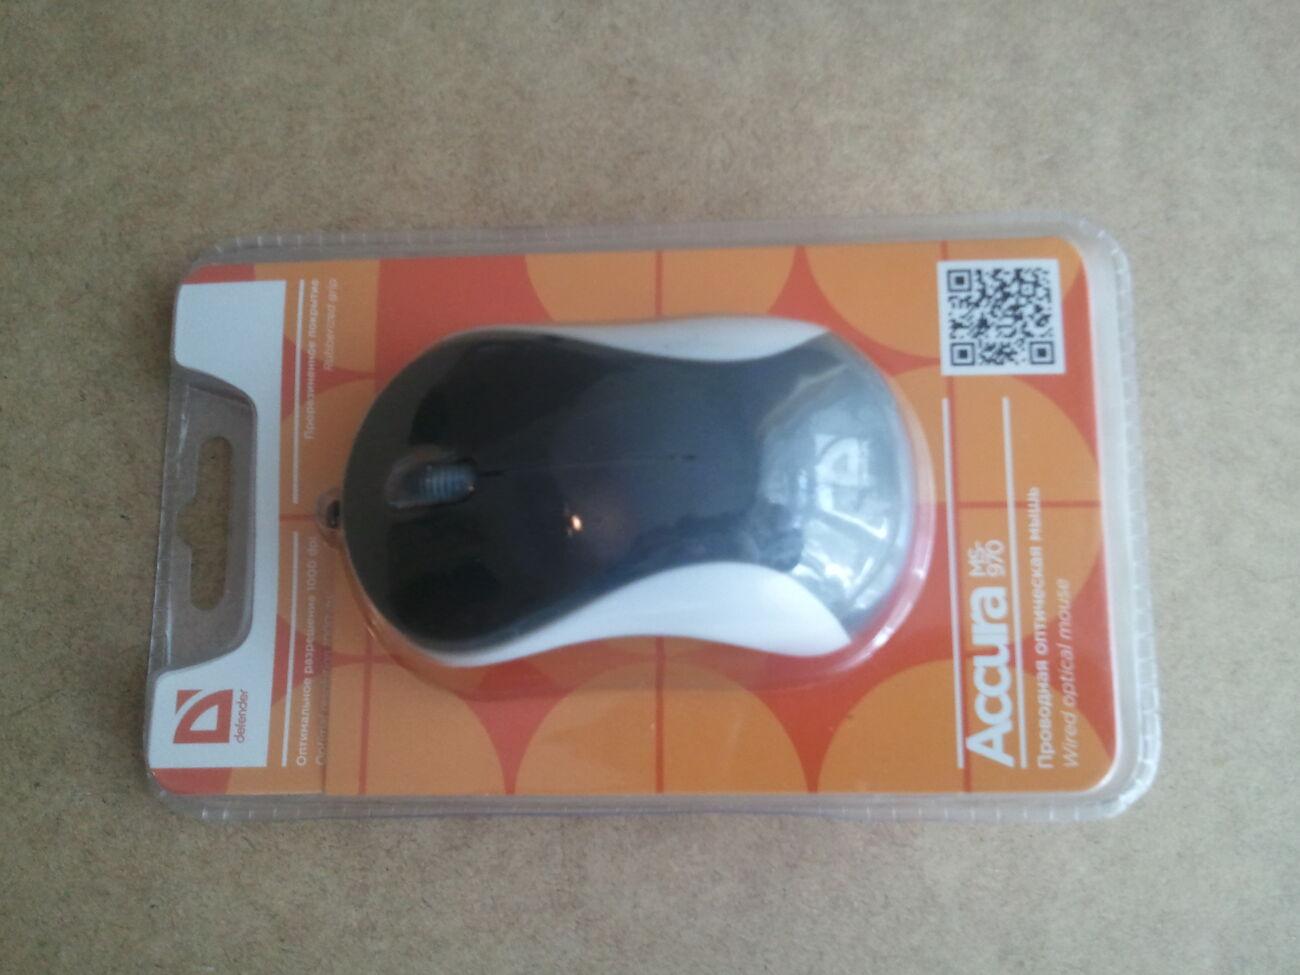 Мышка Defender Accura MS-970 USB, мышь, миша